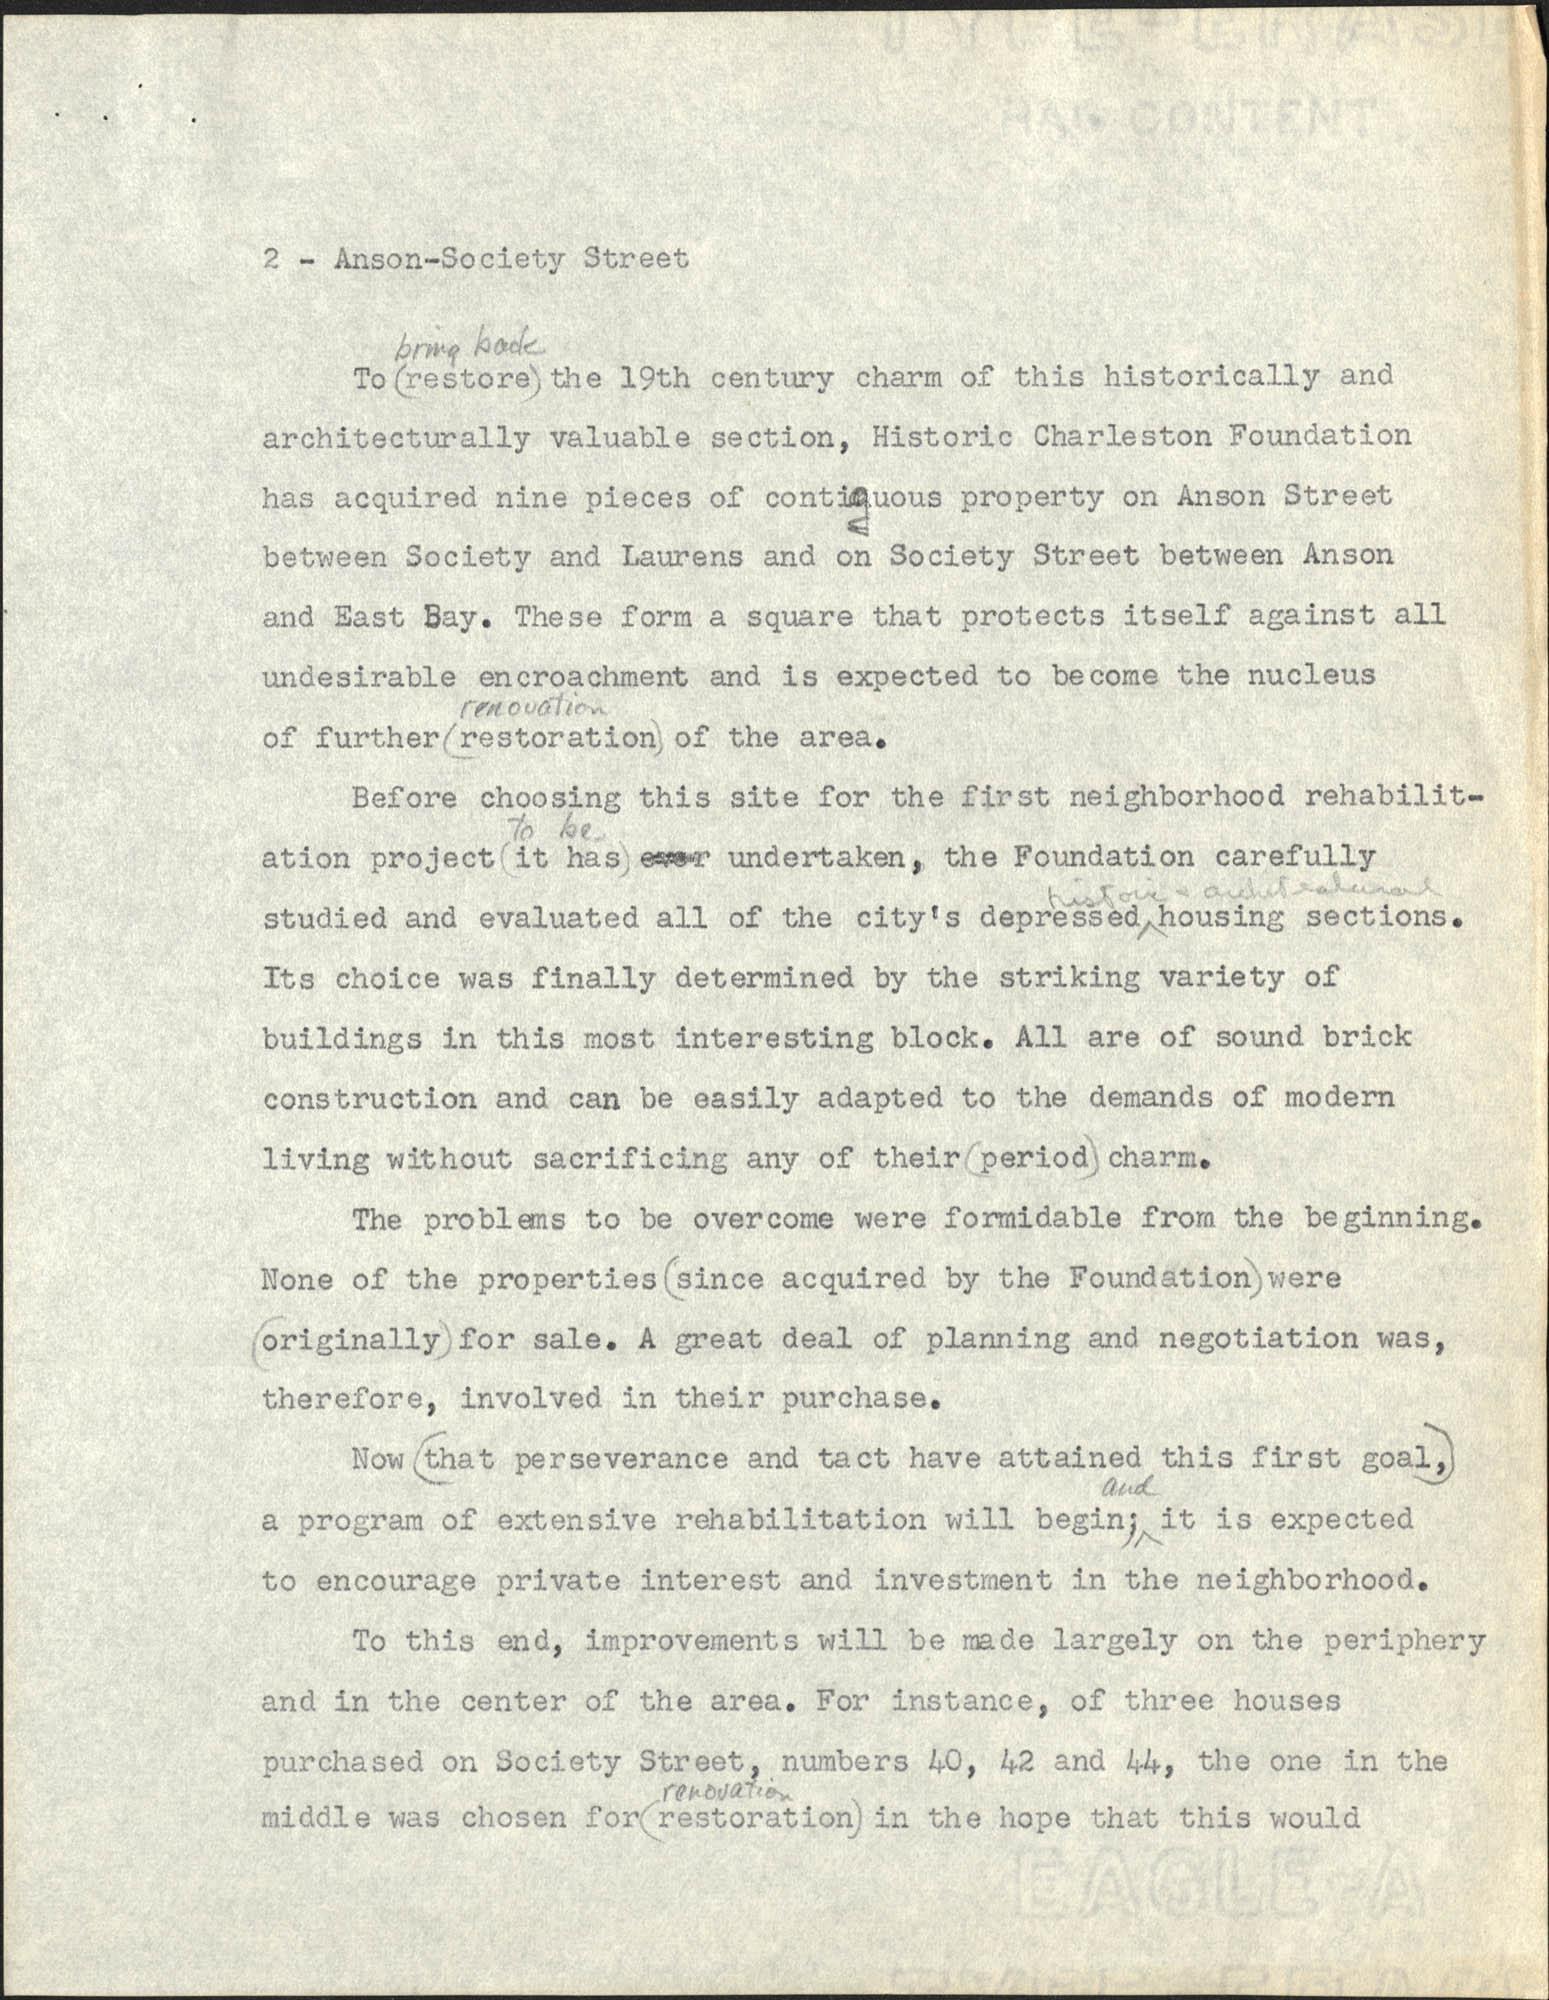 Anson-Society Street Rehabilitation, Page 2